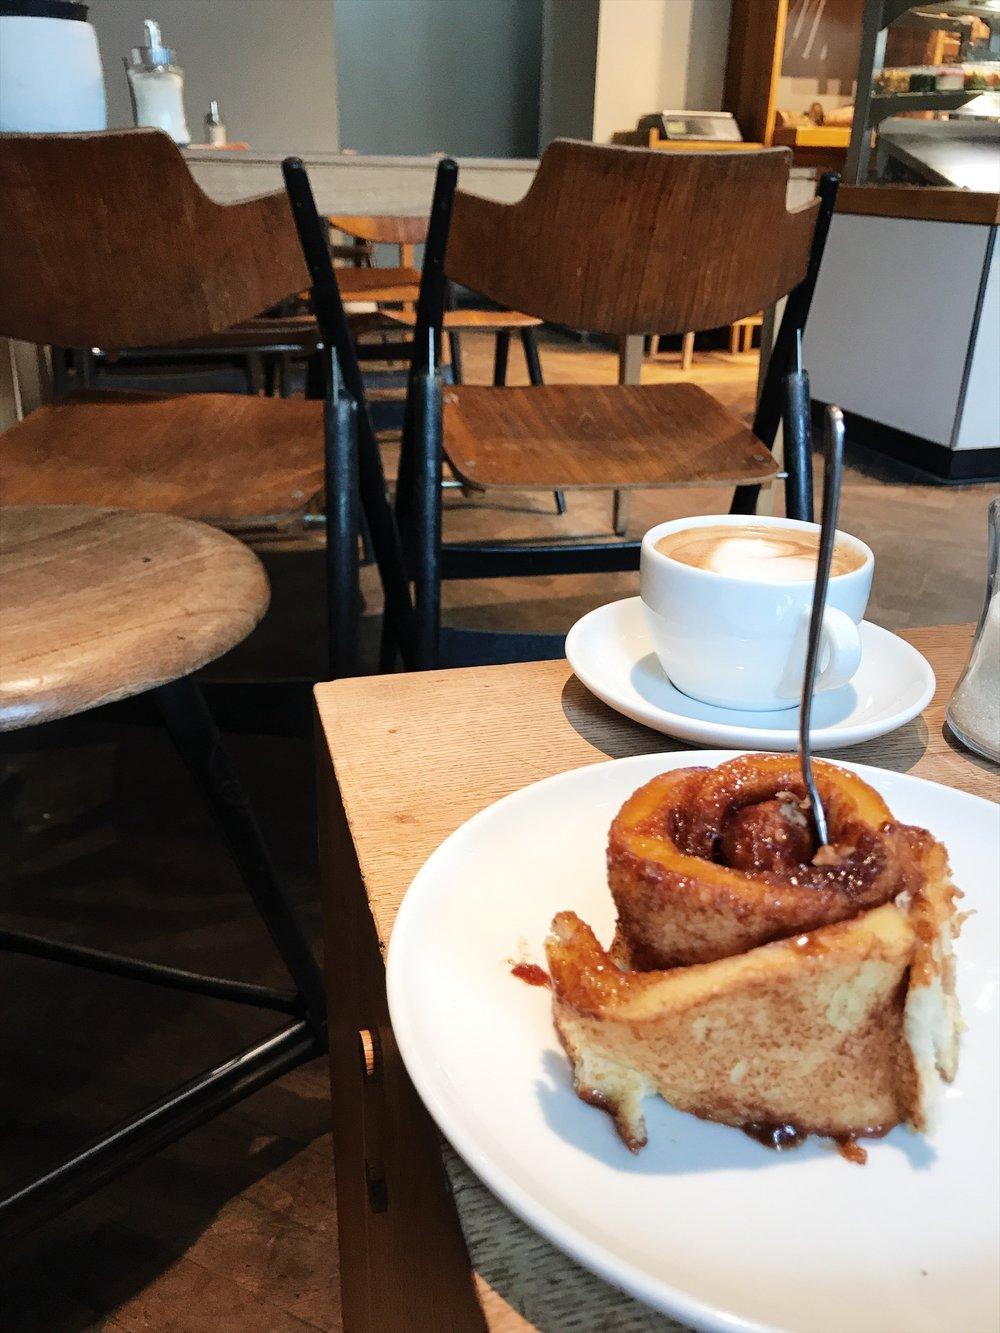 Frühstücksguide_Berlin_Tipps_Empfehlung_Brunch